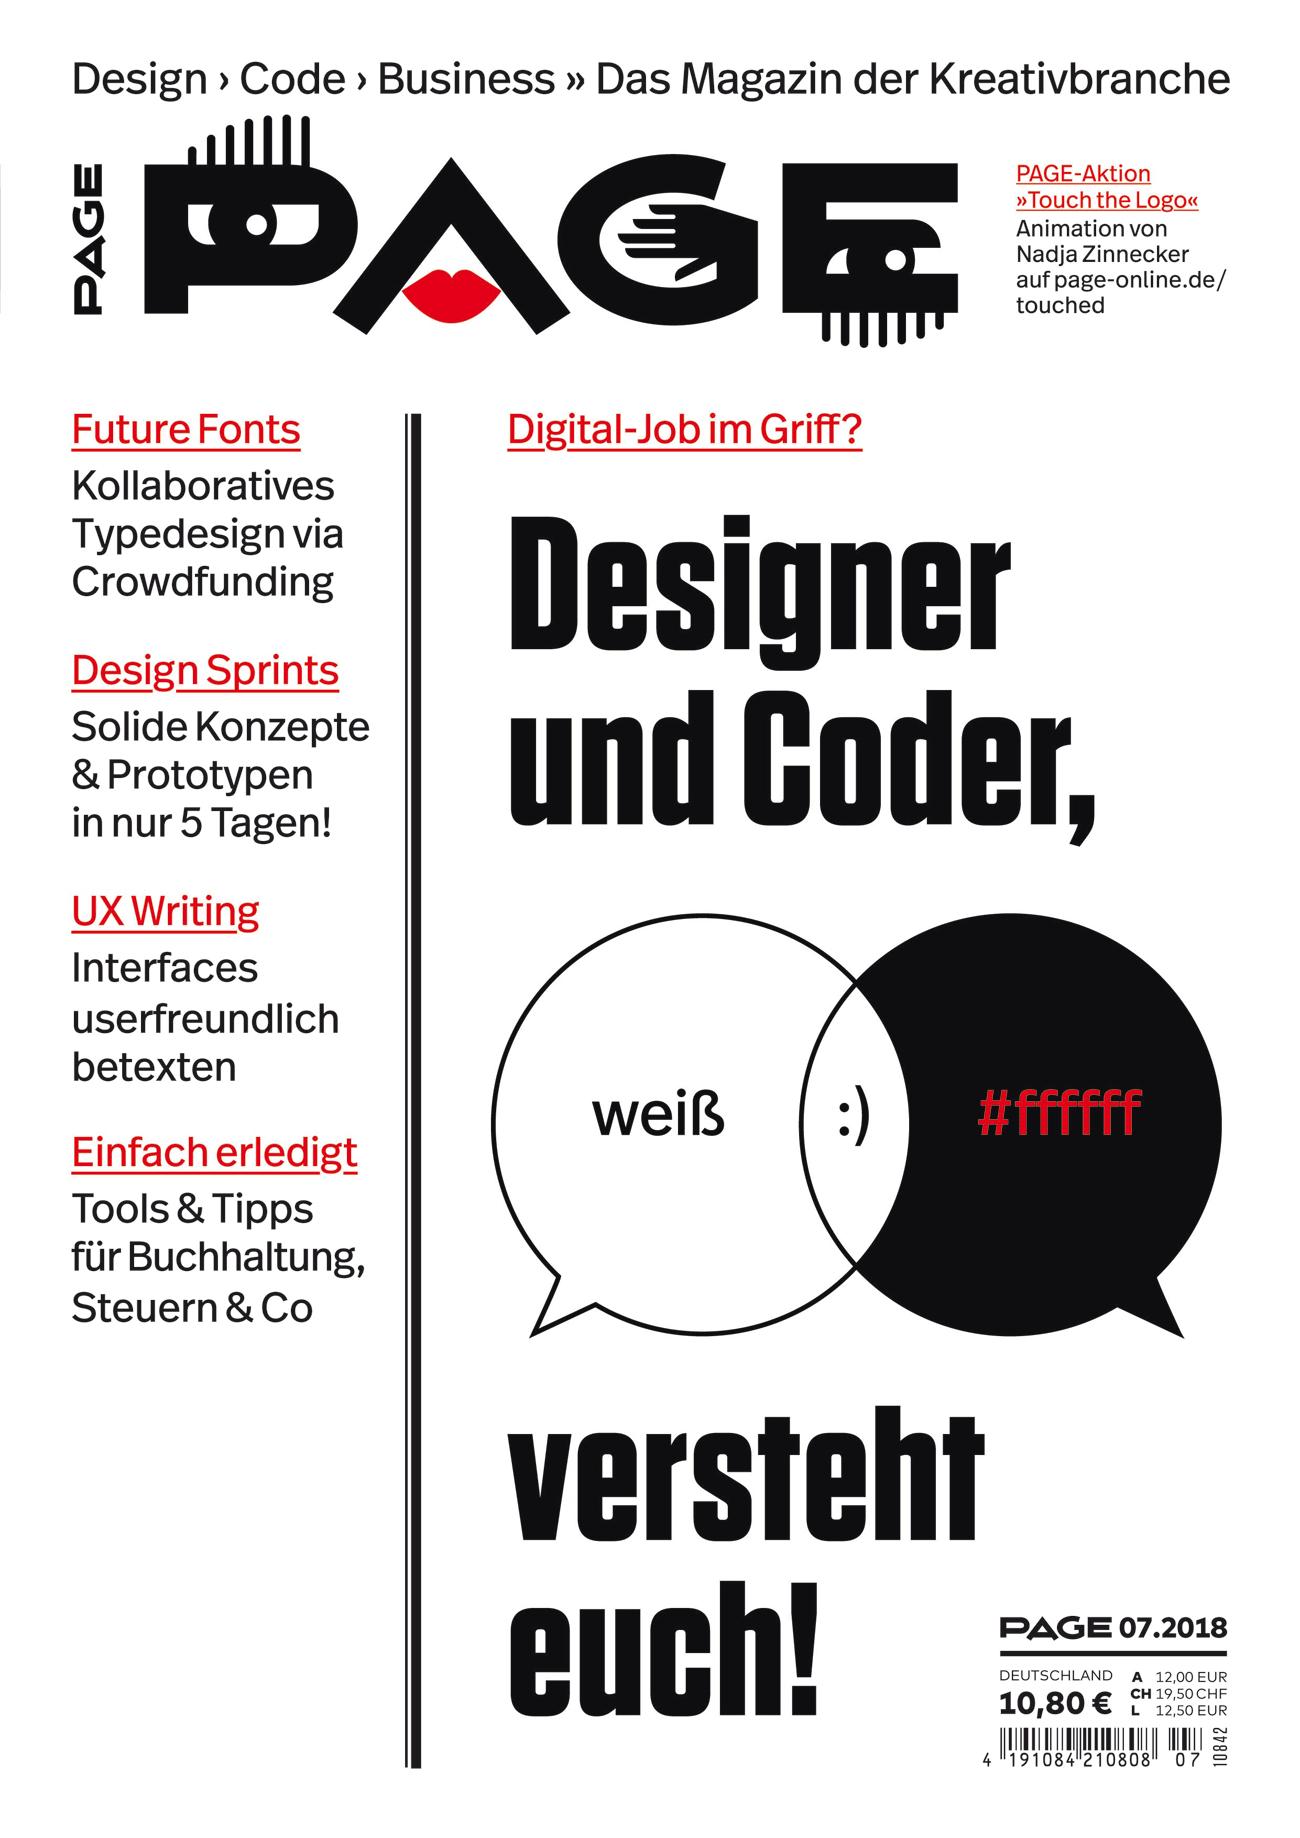 Designer, Developer, Programmierer, UX Design, UI Design